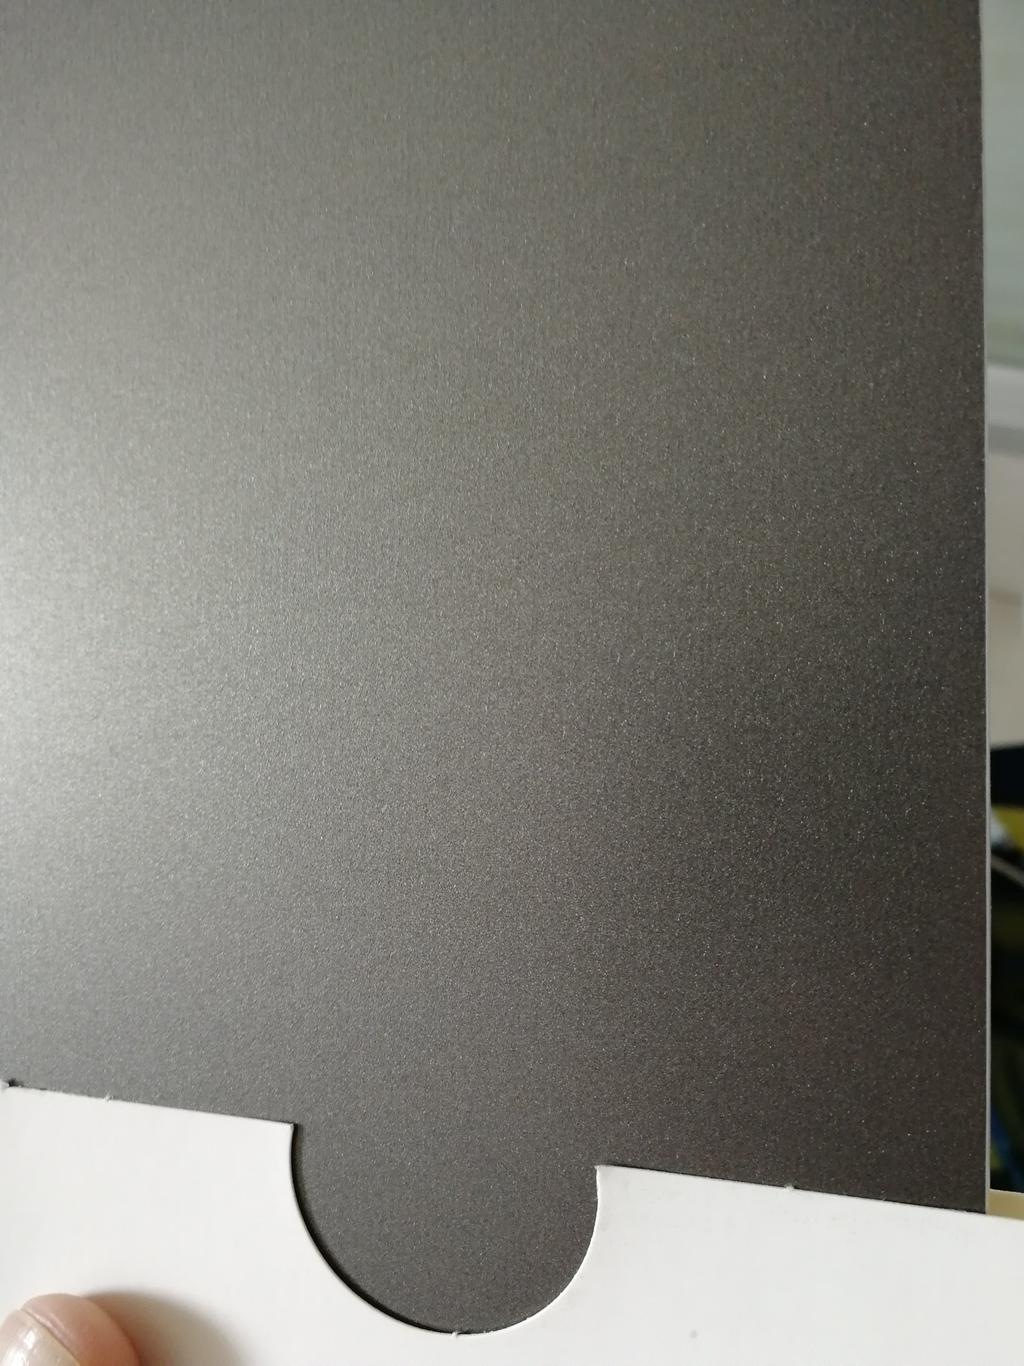 蜂窝板原材用的彩涂铝卷